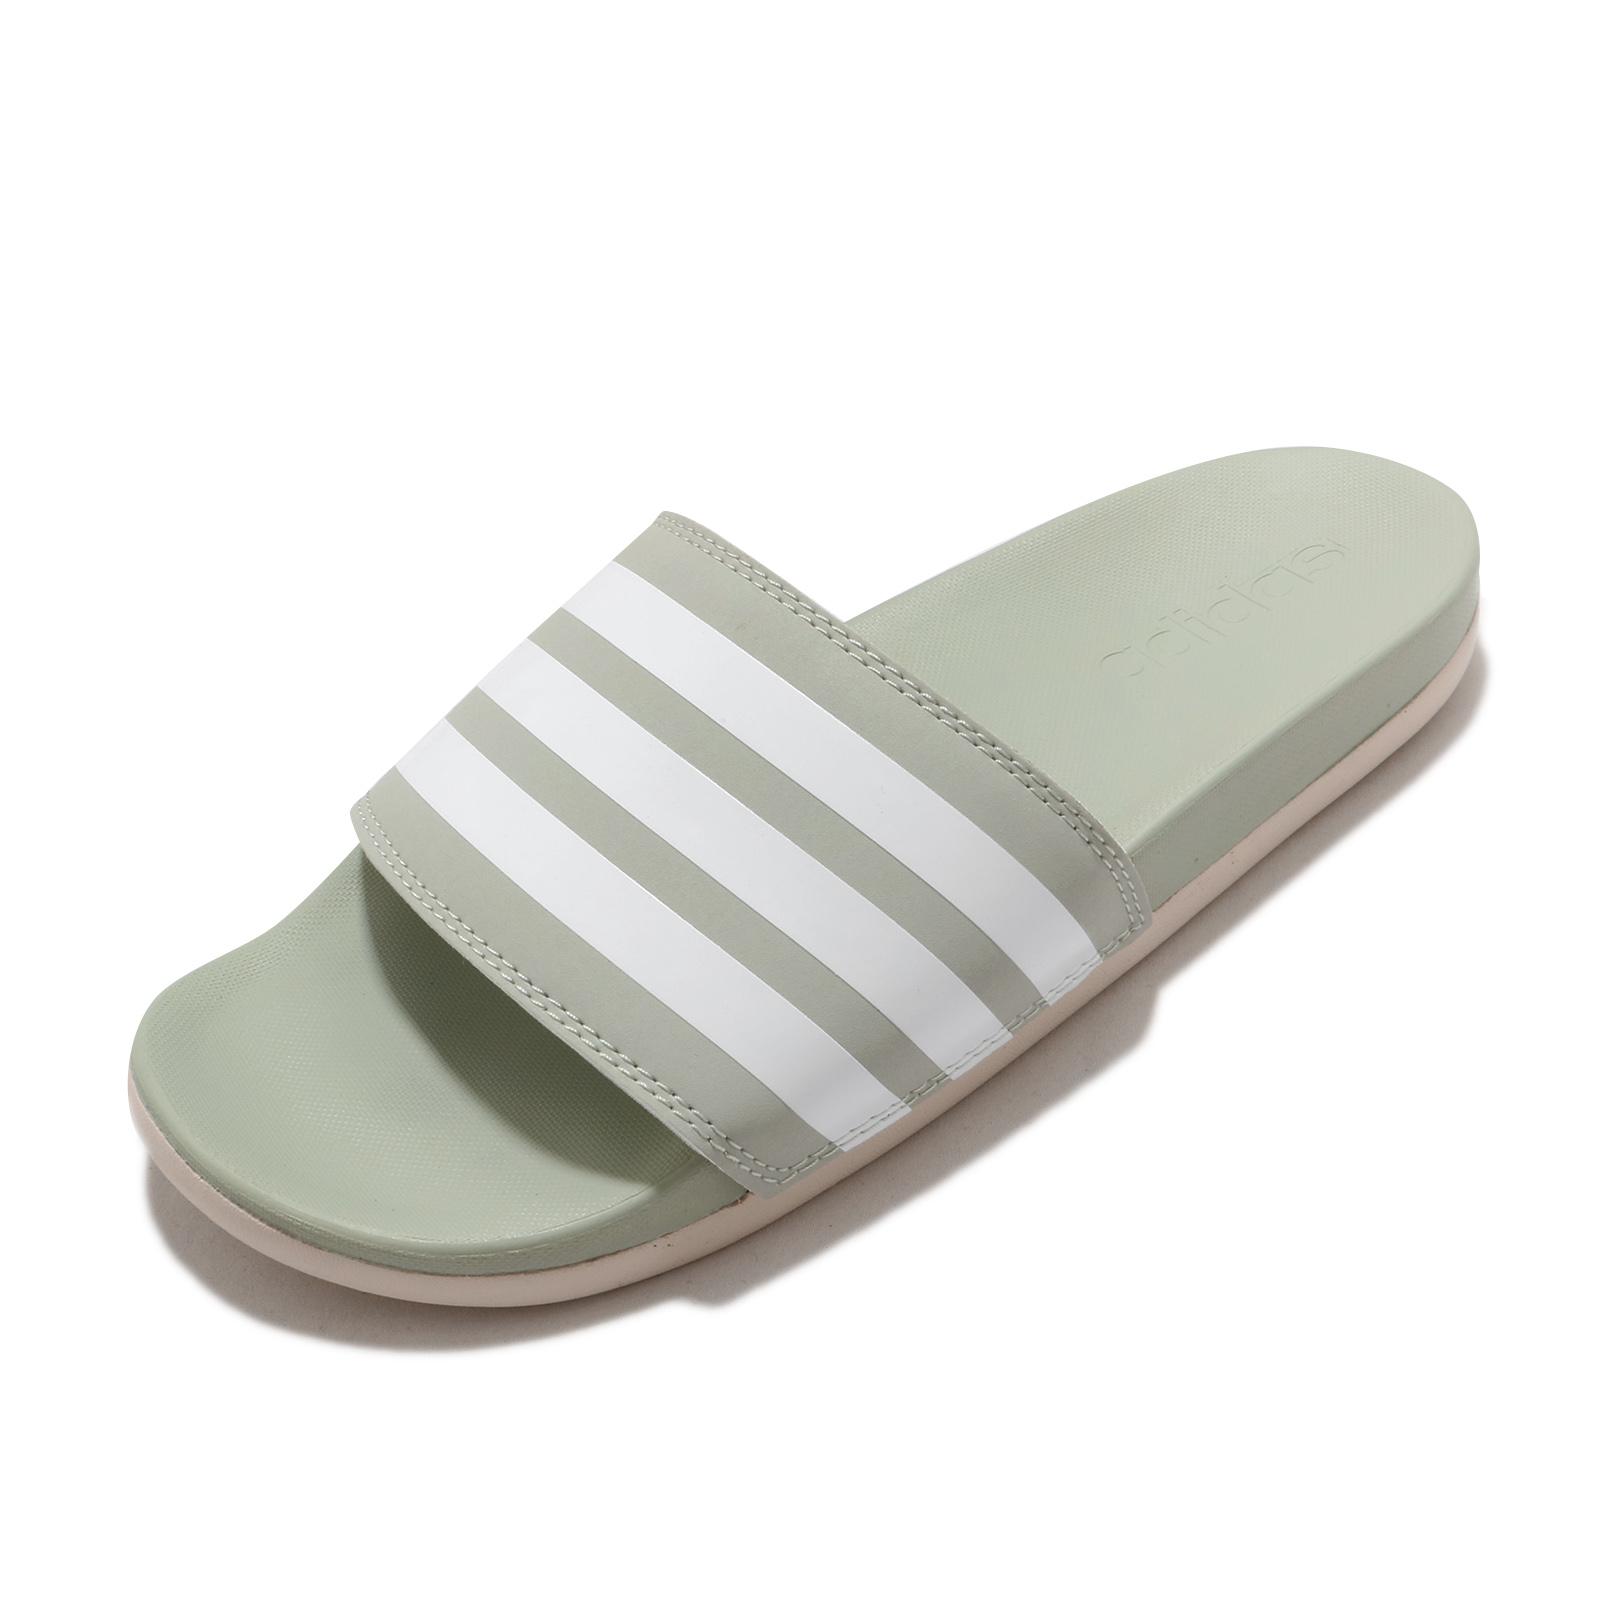 -商品型號:FY7846-商品定價:1290-商品特色:ADILETTE COMFORT 運動拖鞋柔軟舒適的休閒運動拖鞋讓疲累的雙腳恢復元氣。這款女性運動拖鞋採輕量設計,配有 Cloudfoam Pl